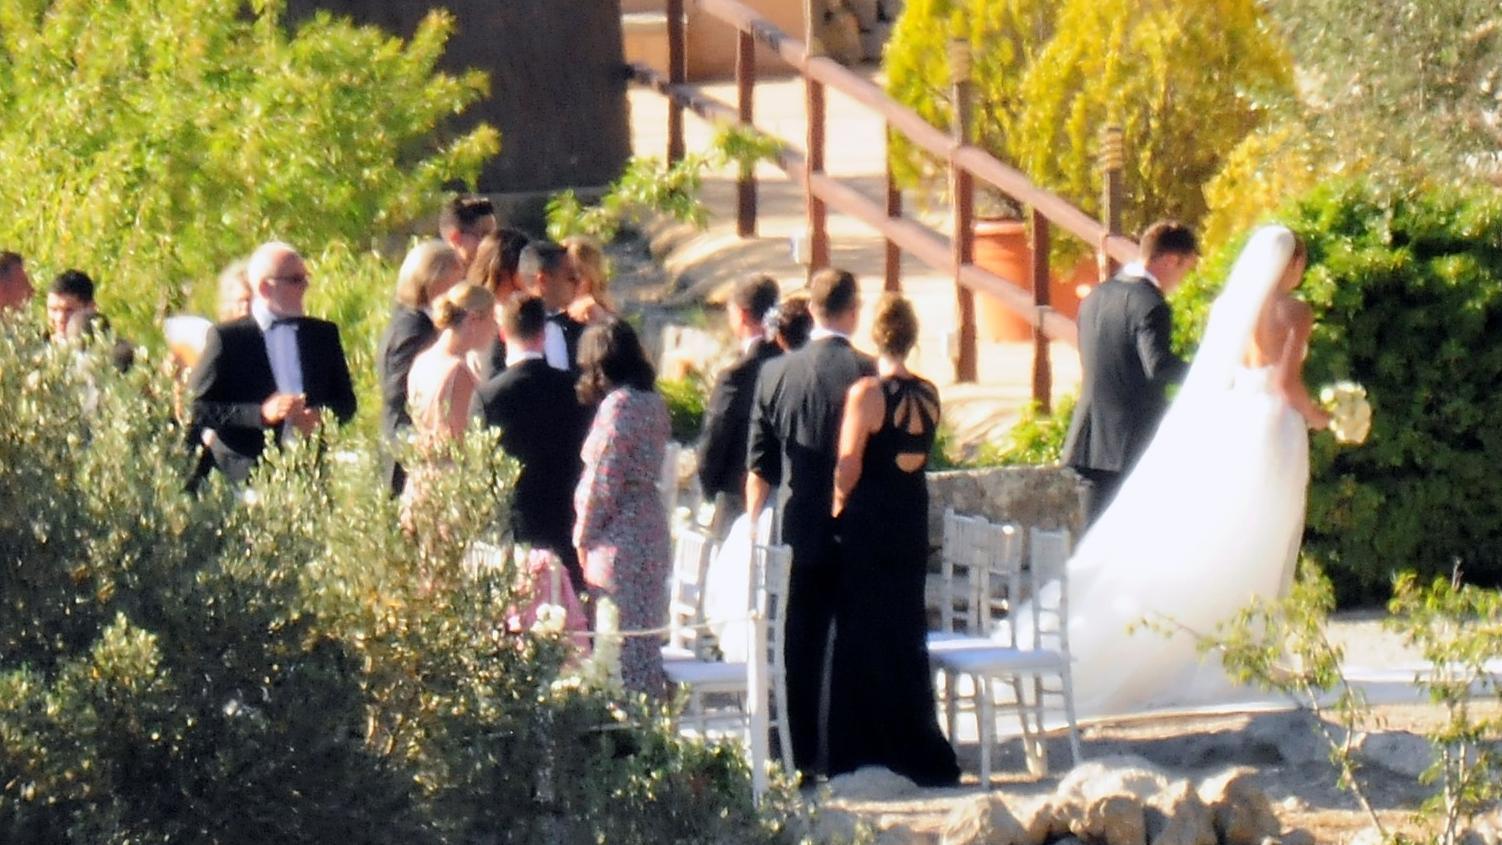 Mario und Ann-Kathrin Götze bei ihrer Hochzeit im Juni 2019 auf Mallorca.